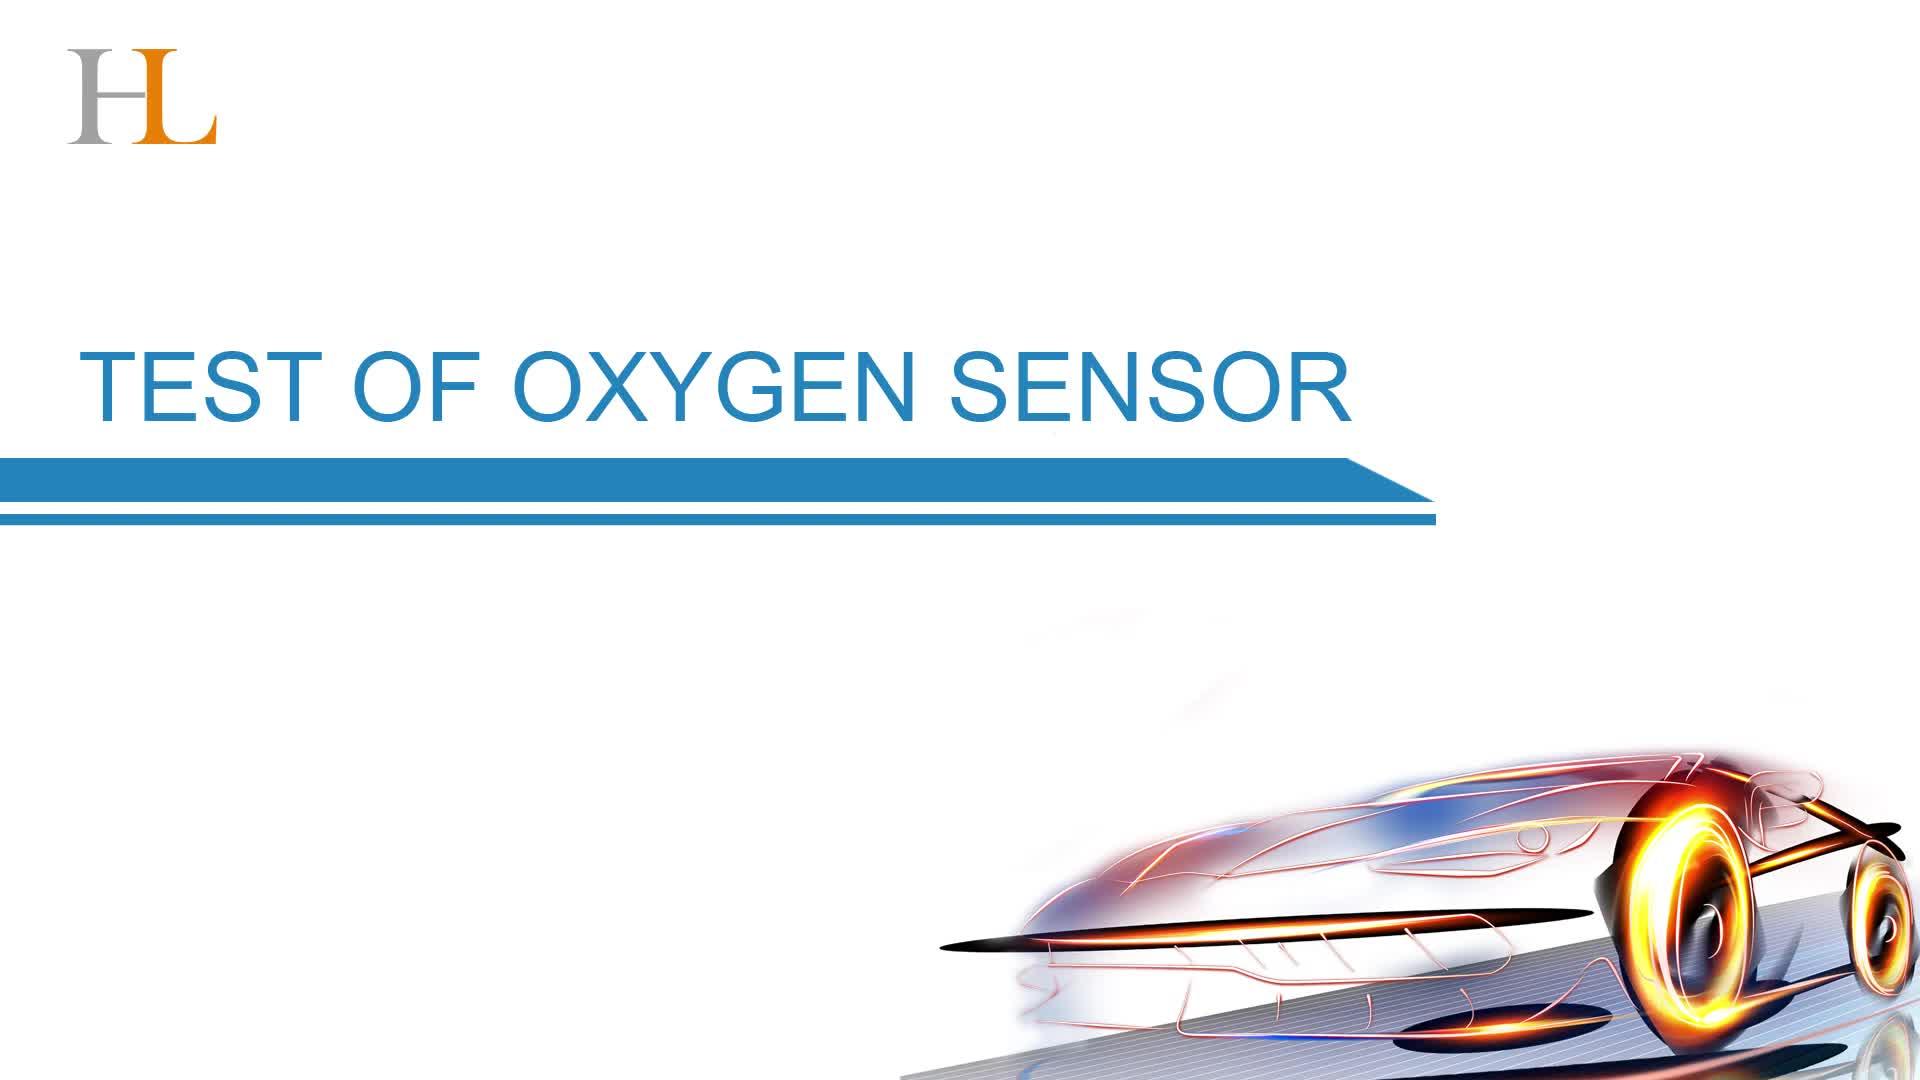 Originale Nuovo 4 filo Lambda Sonda SENSORE di O2 OZA532-A10 OZA641A5 parte auto Sensore di Ossigeno